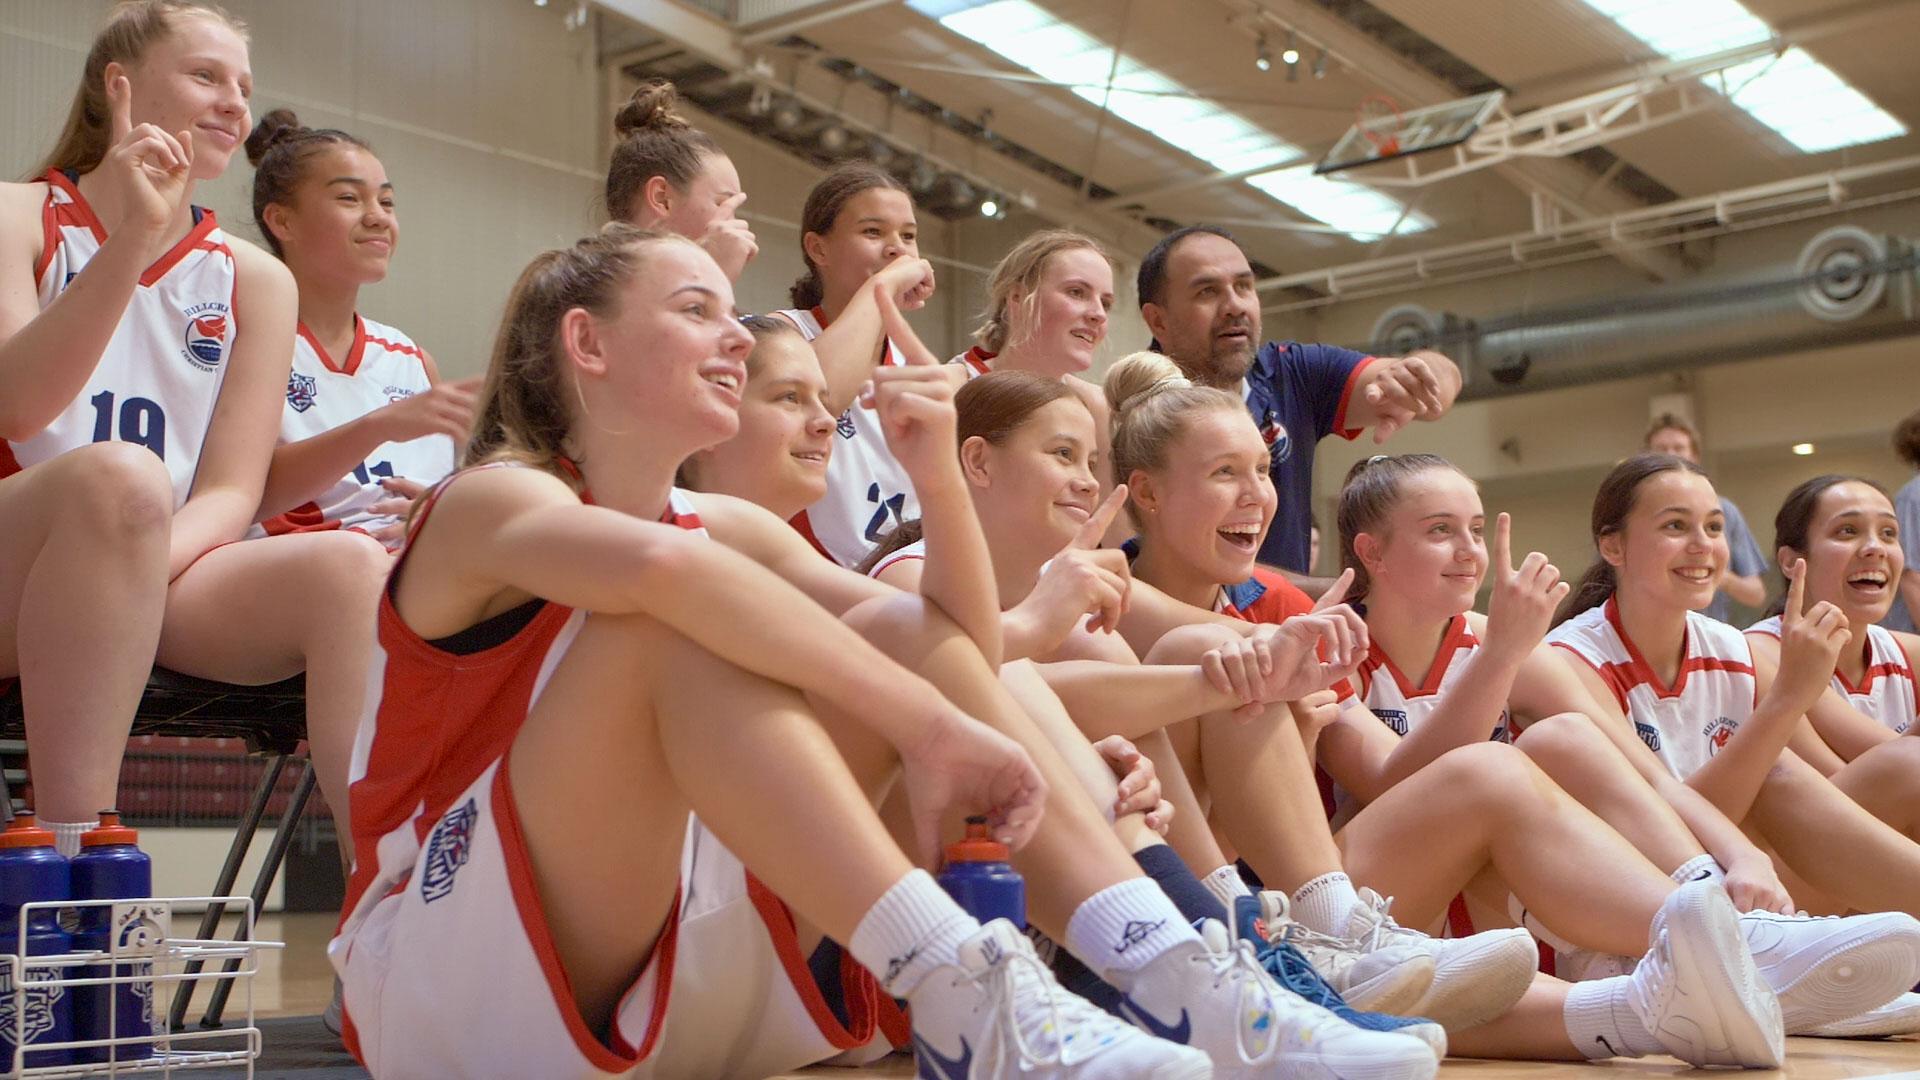 Hillcrest Basketball Documentary – The Season